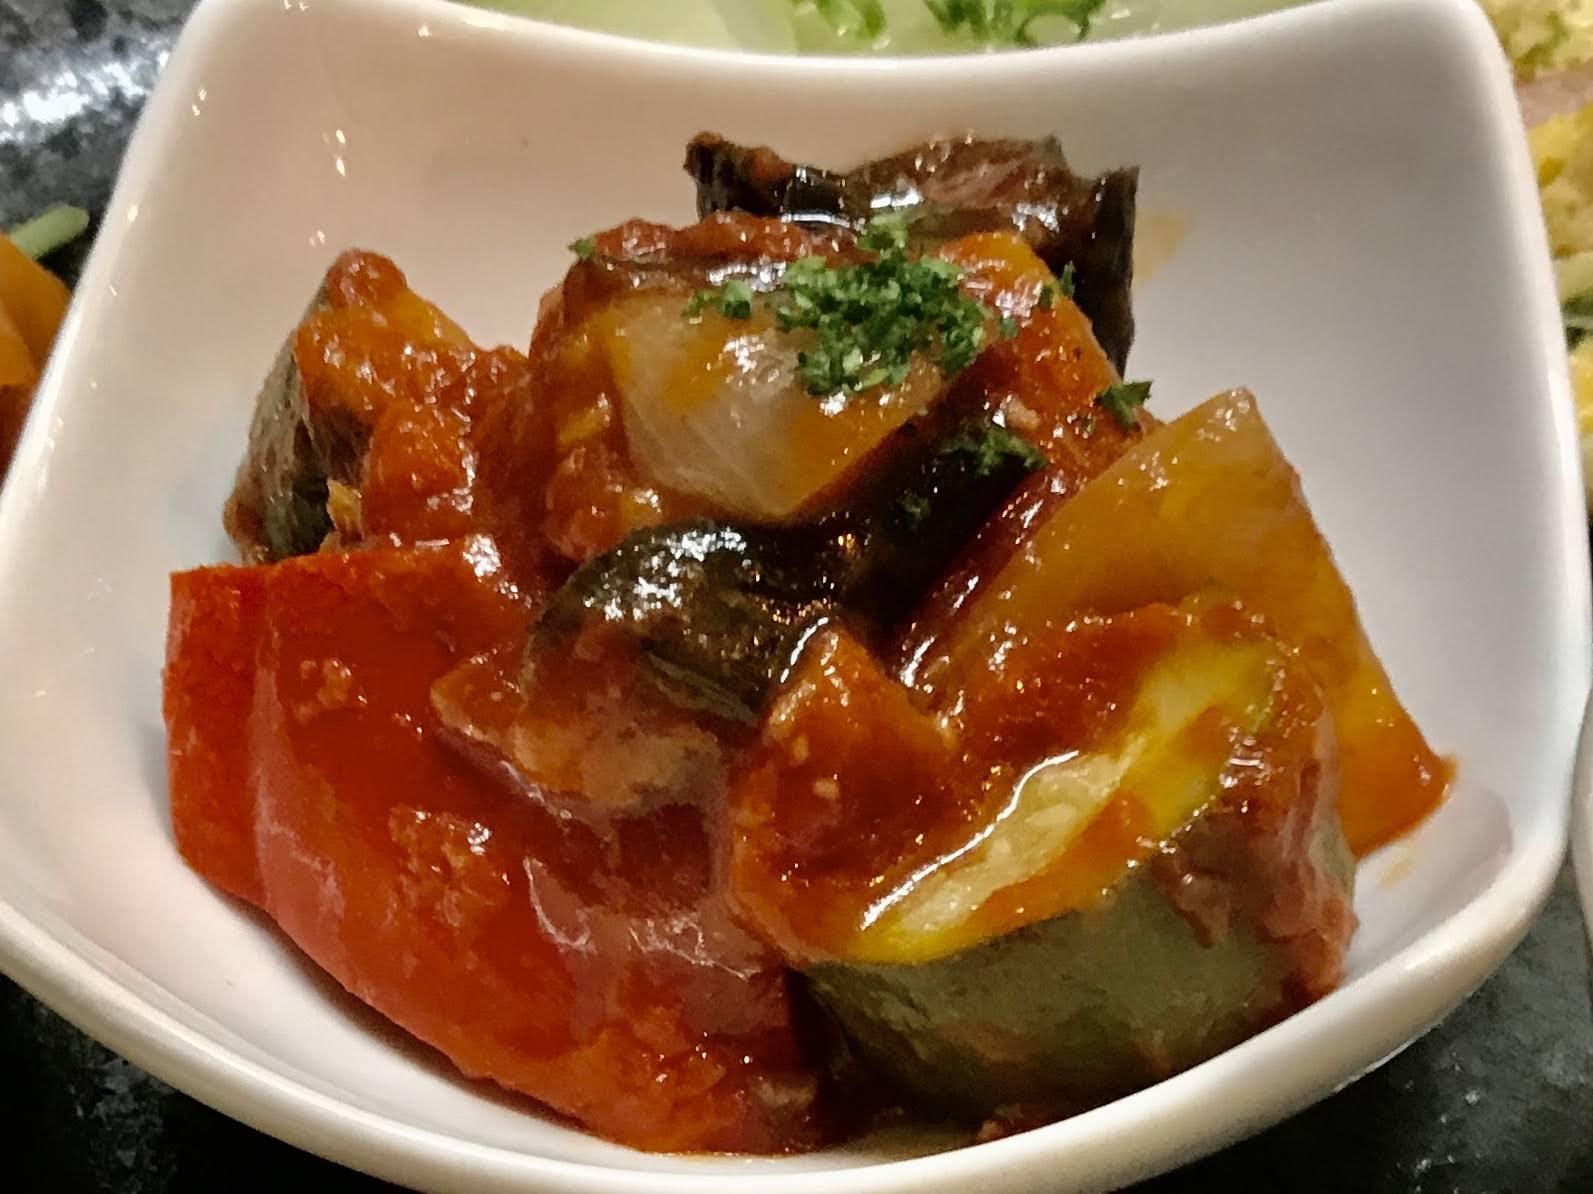 ■テイクアウト■糸島野菜のラタトゥイユ税込み400円/人前のイメージその1